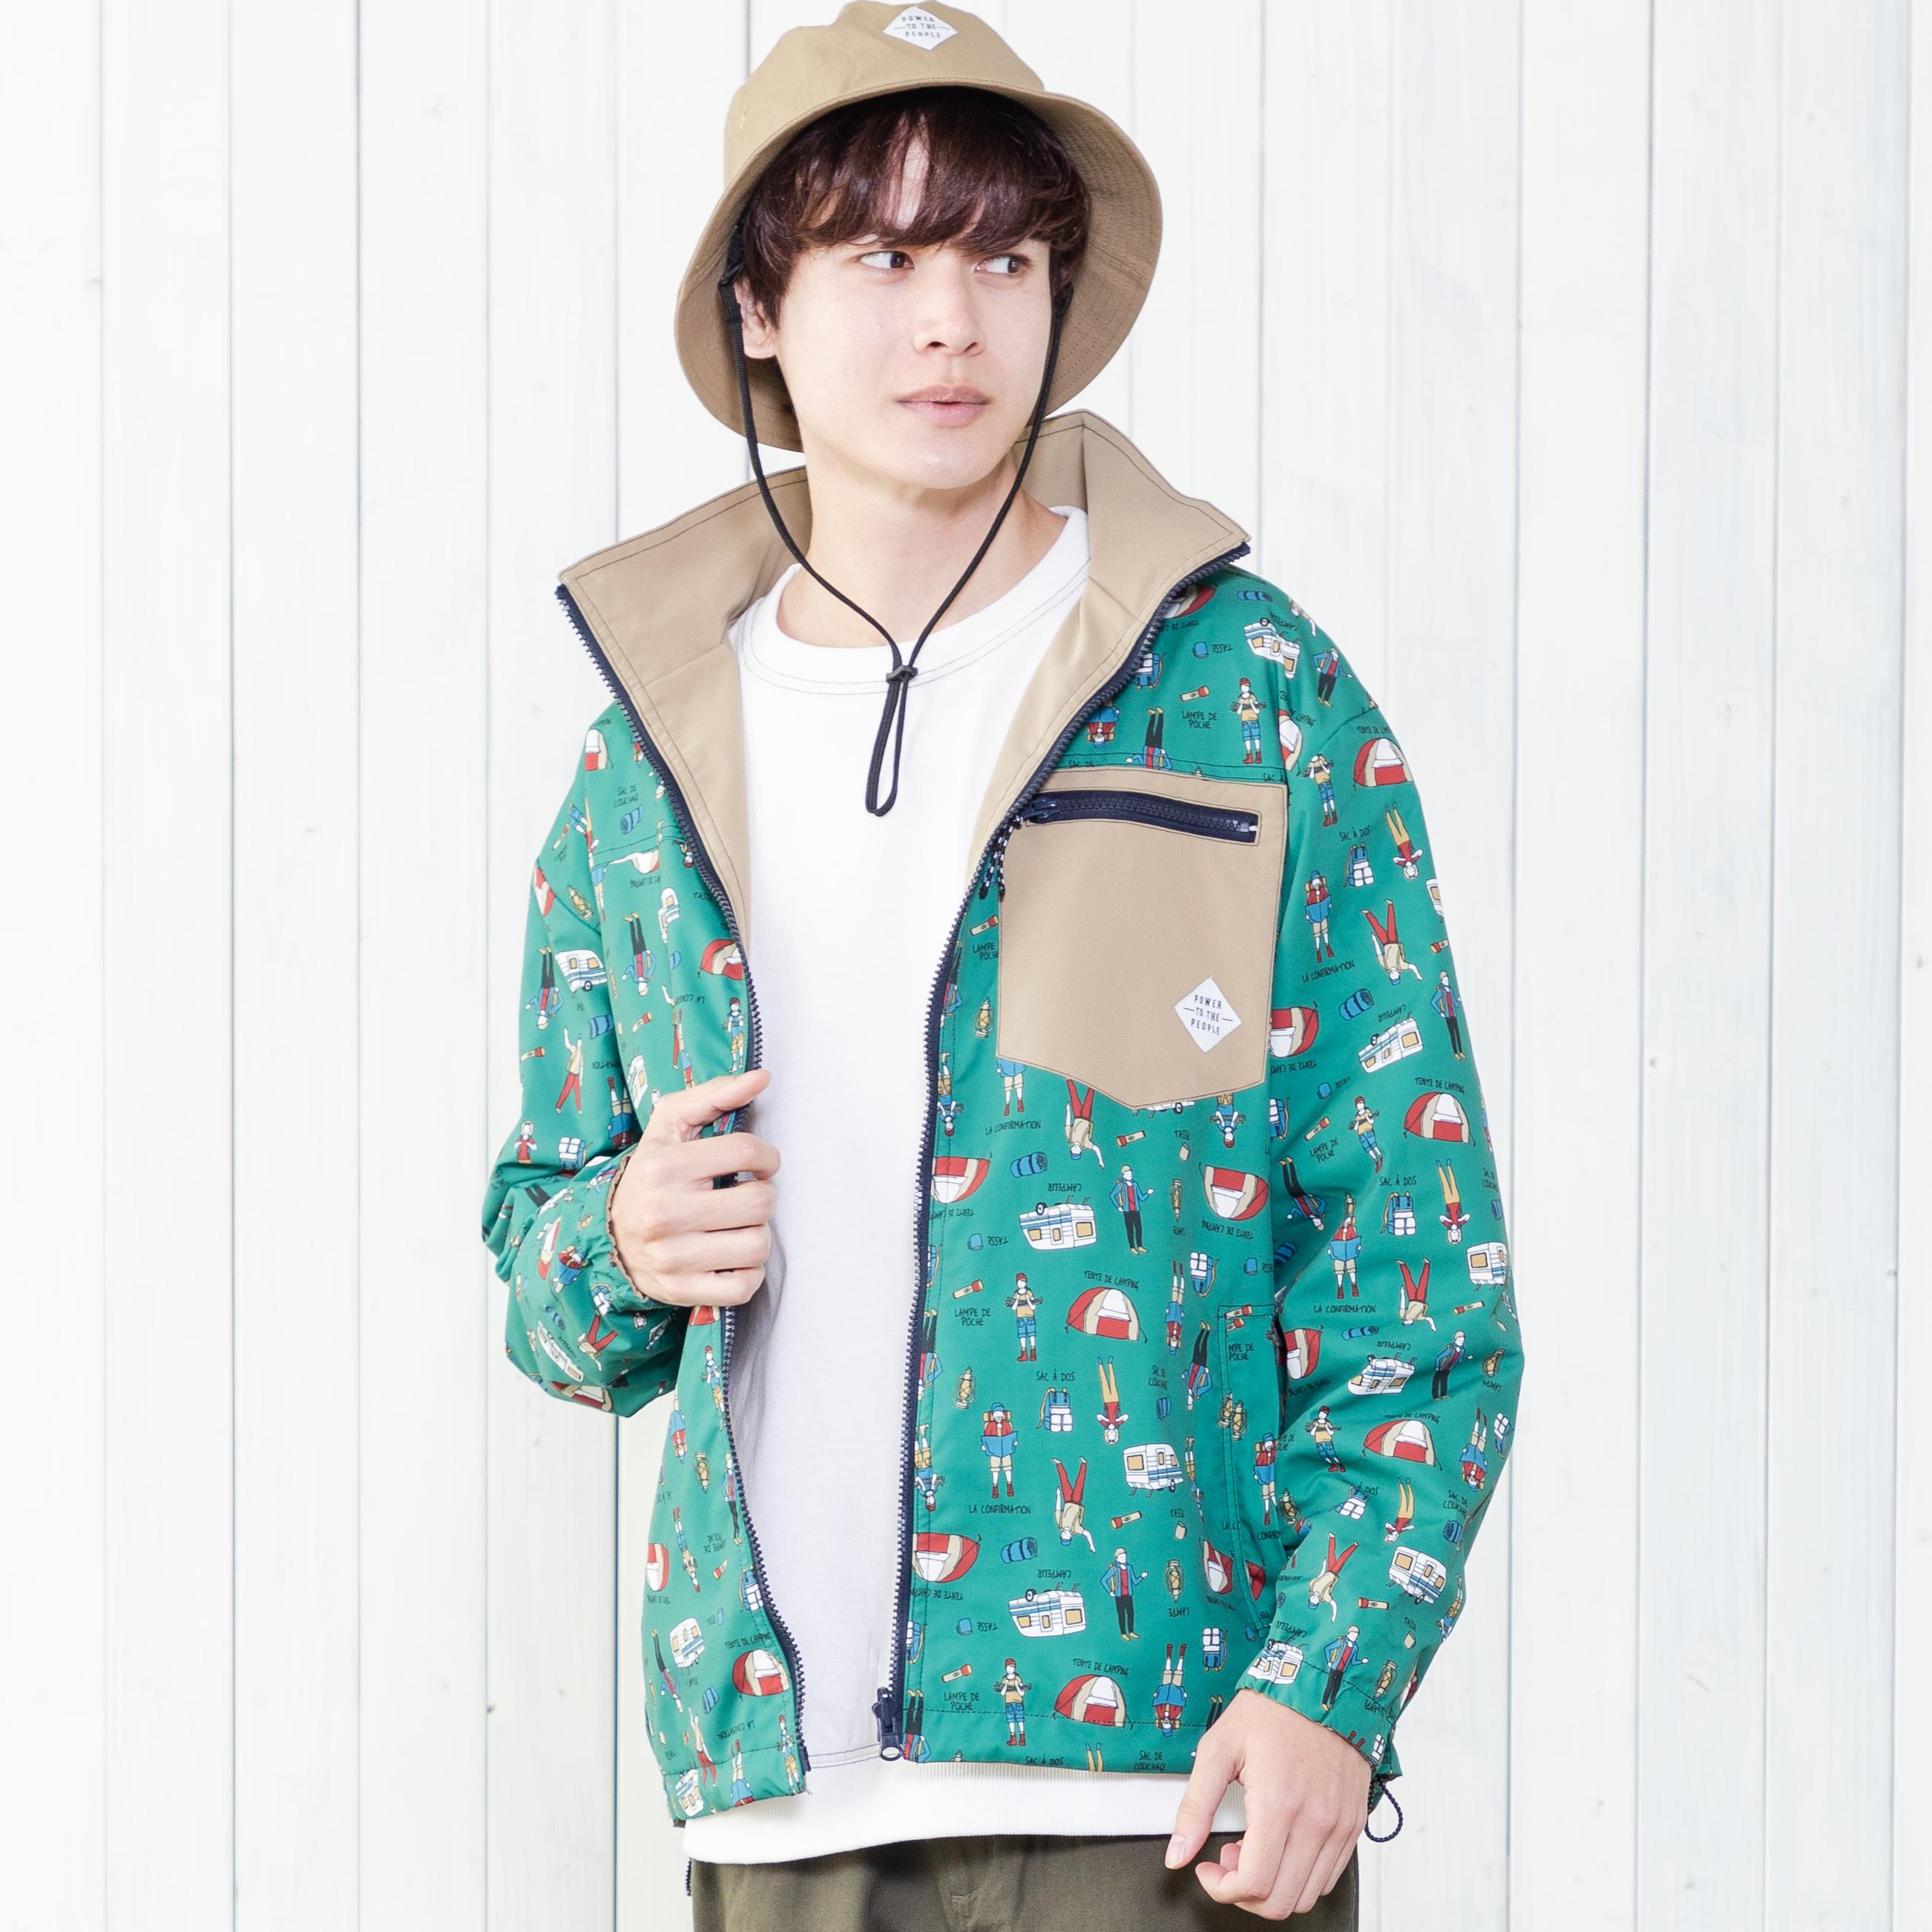 リバーシブルスタンドジャケット【花粉防止機能付き】 NO0312111